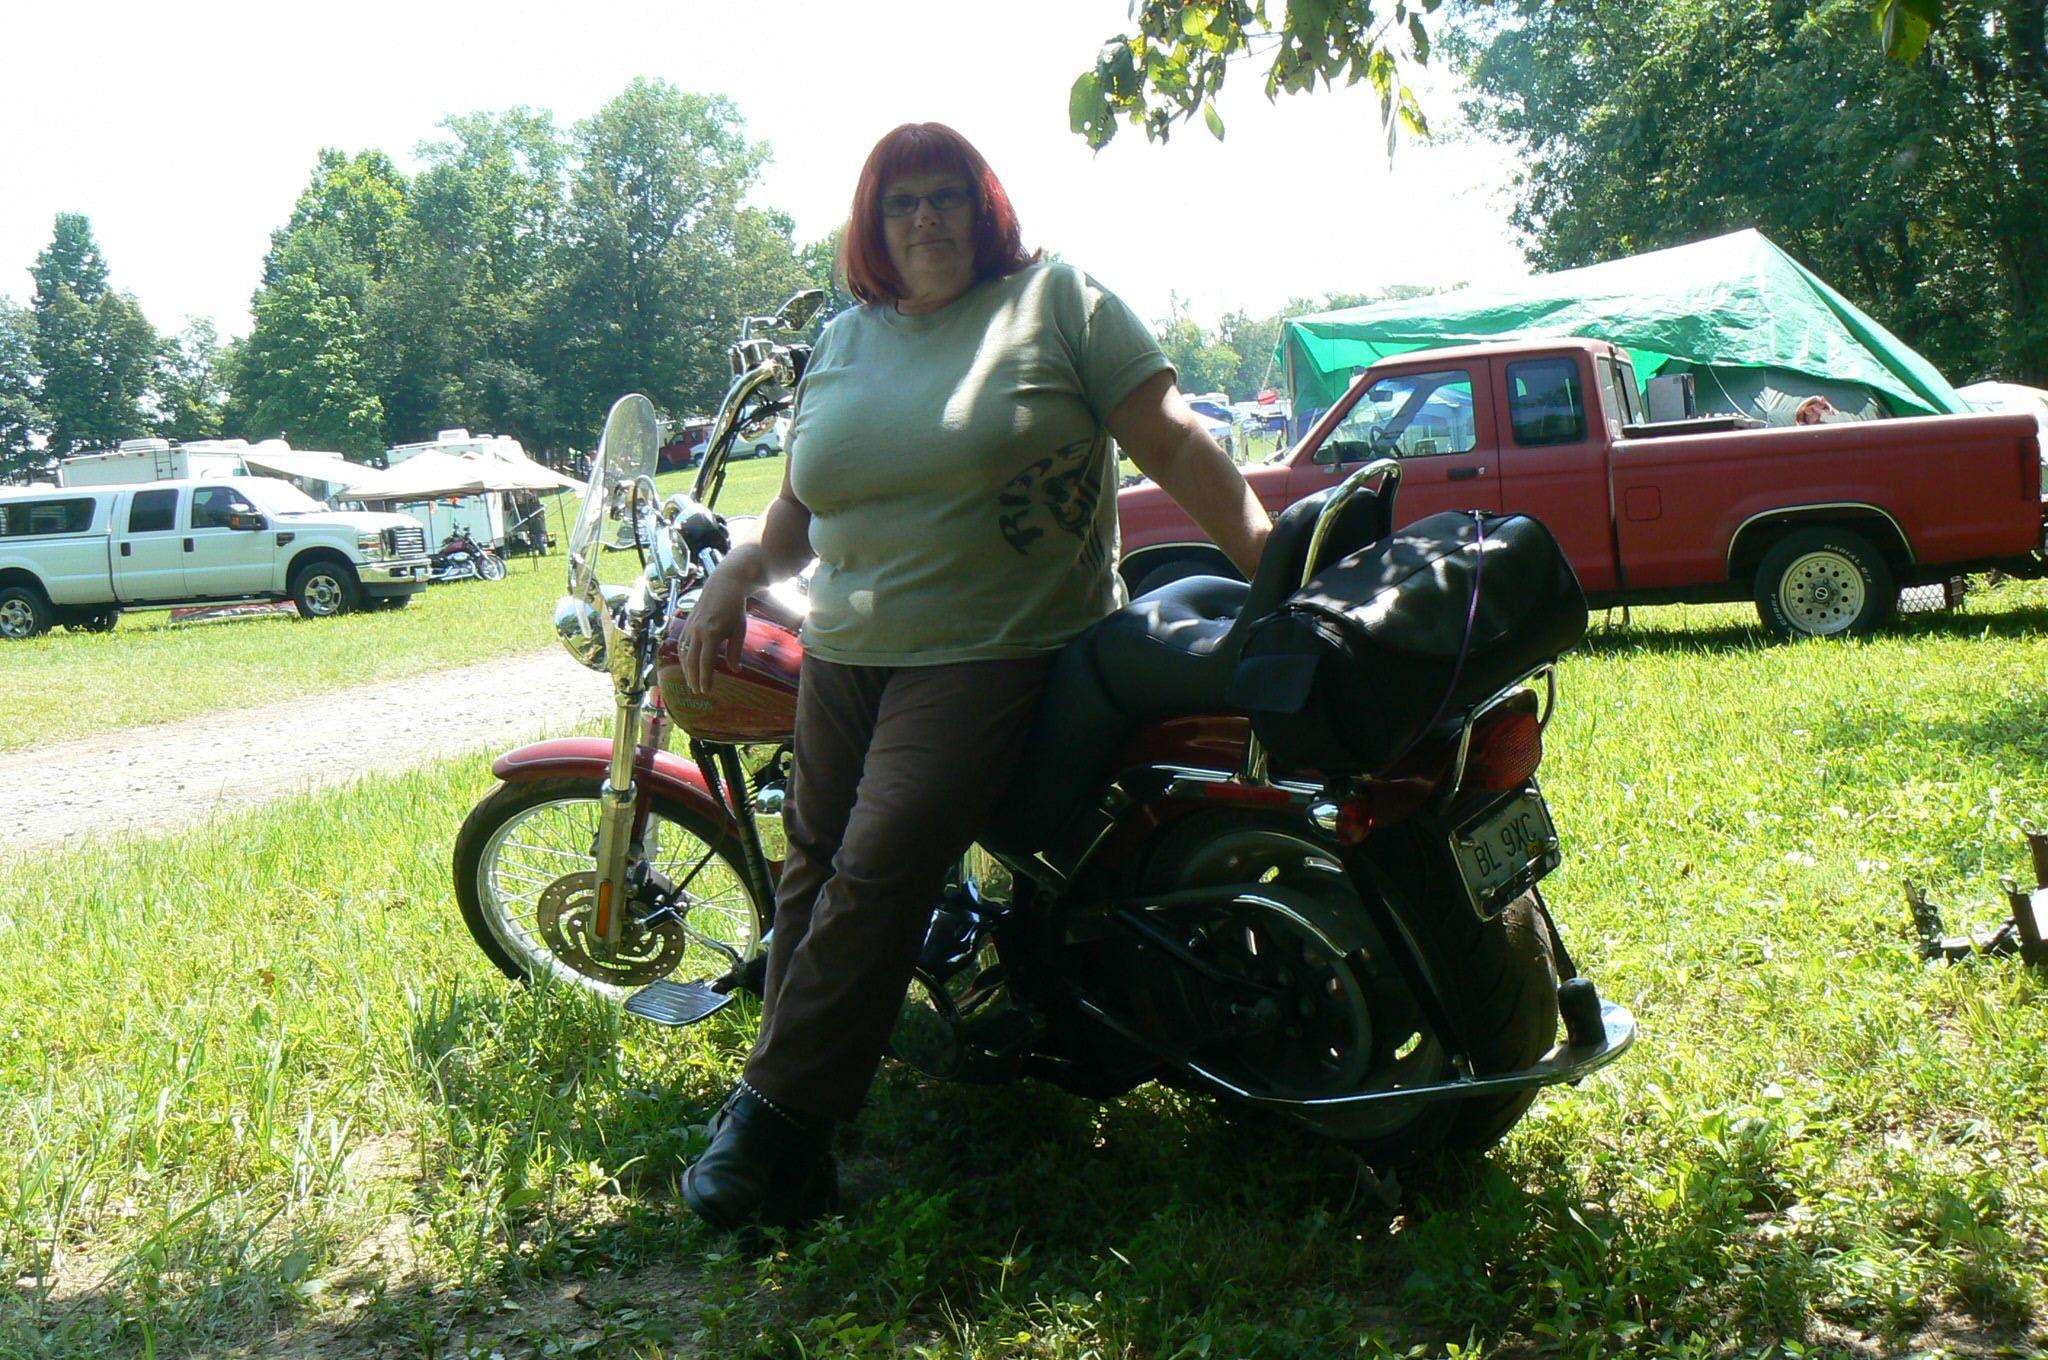 Kentuckys largest motorcycle rally Little Sturgis